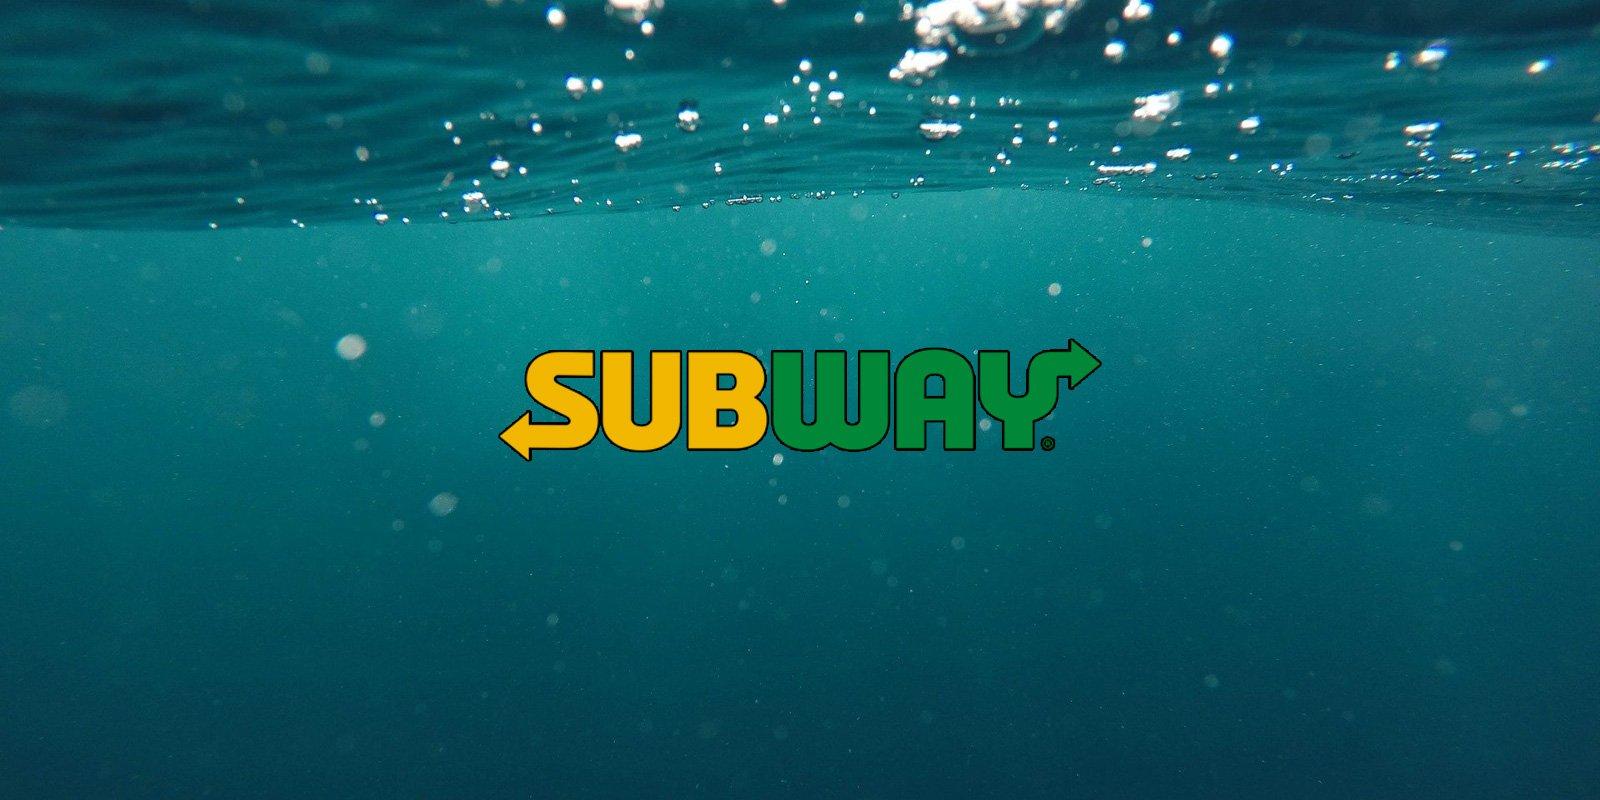 Subway phishing